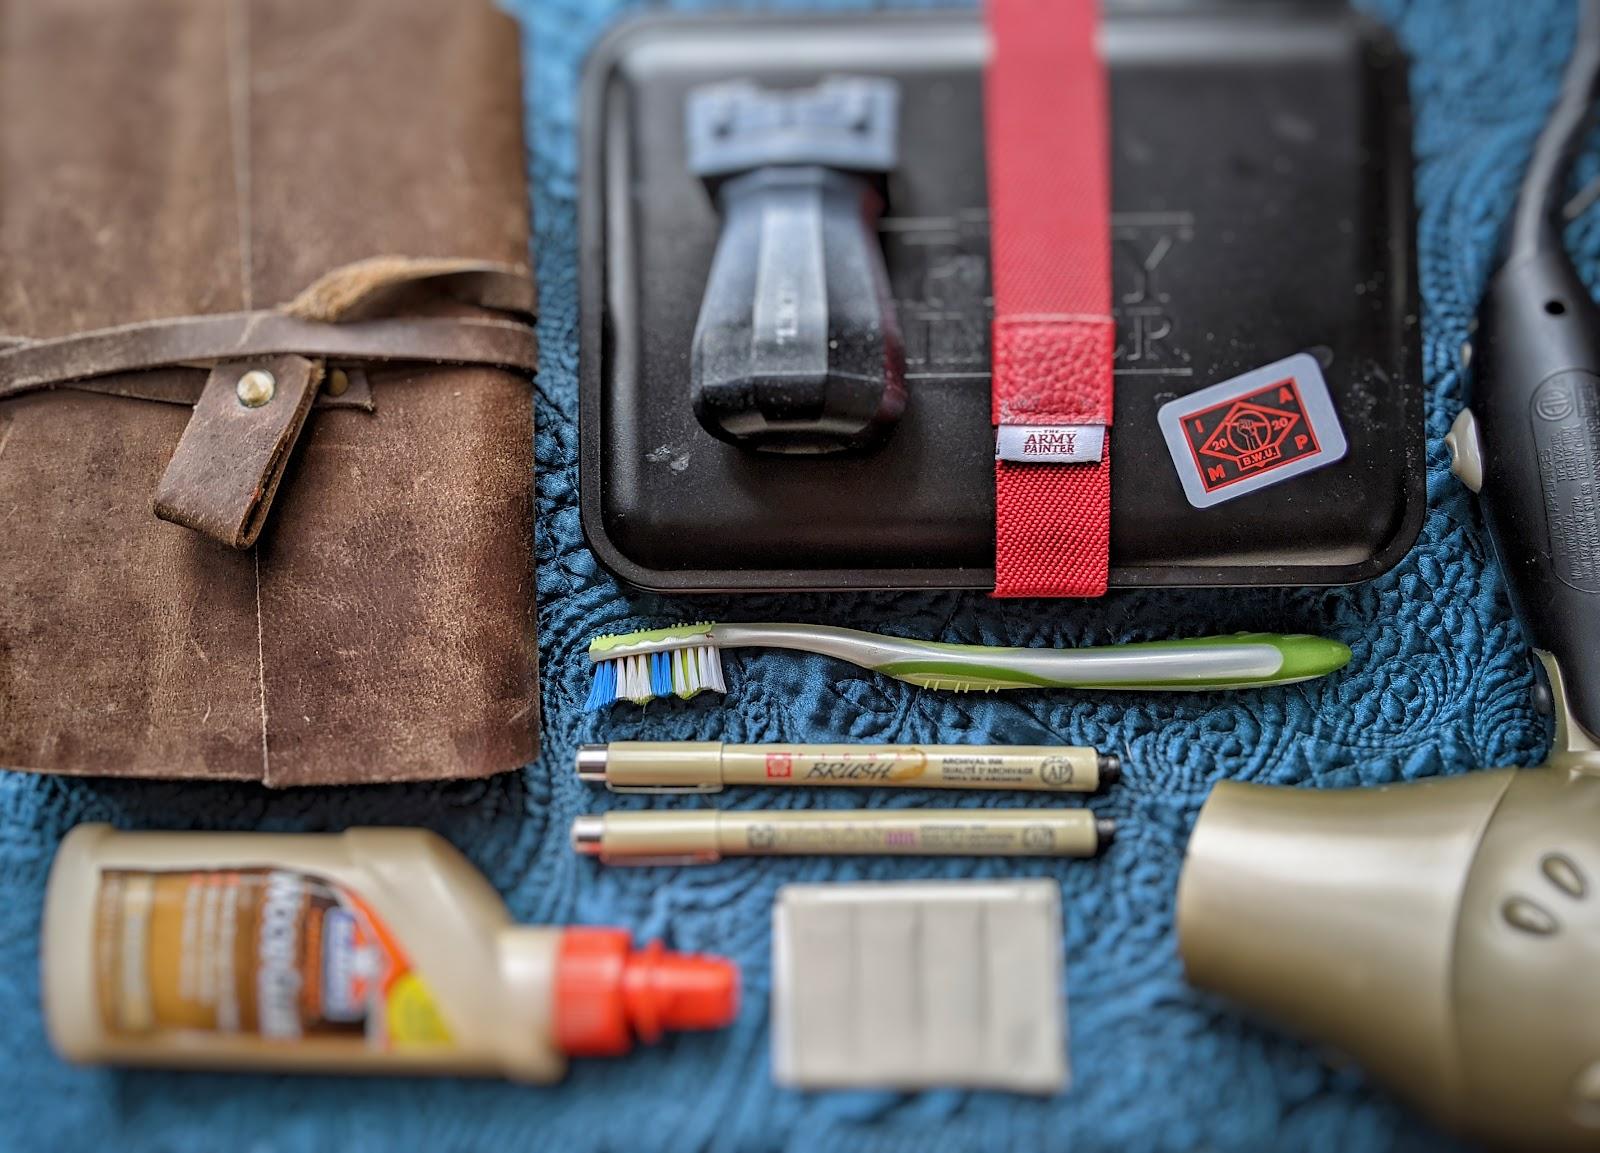 miniature painting essentials tool kit